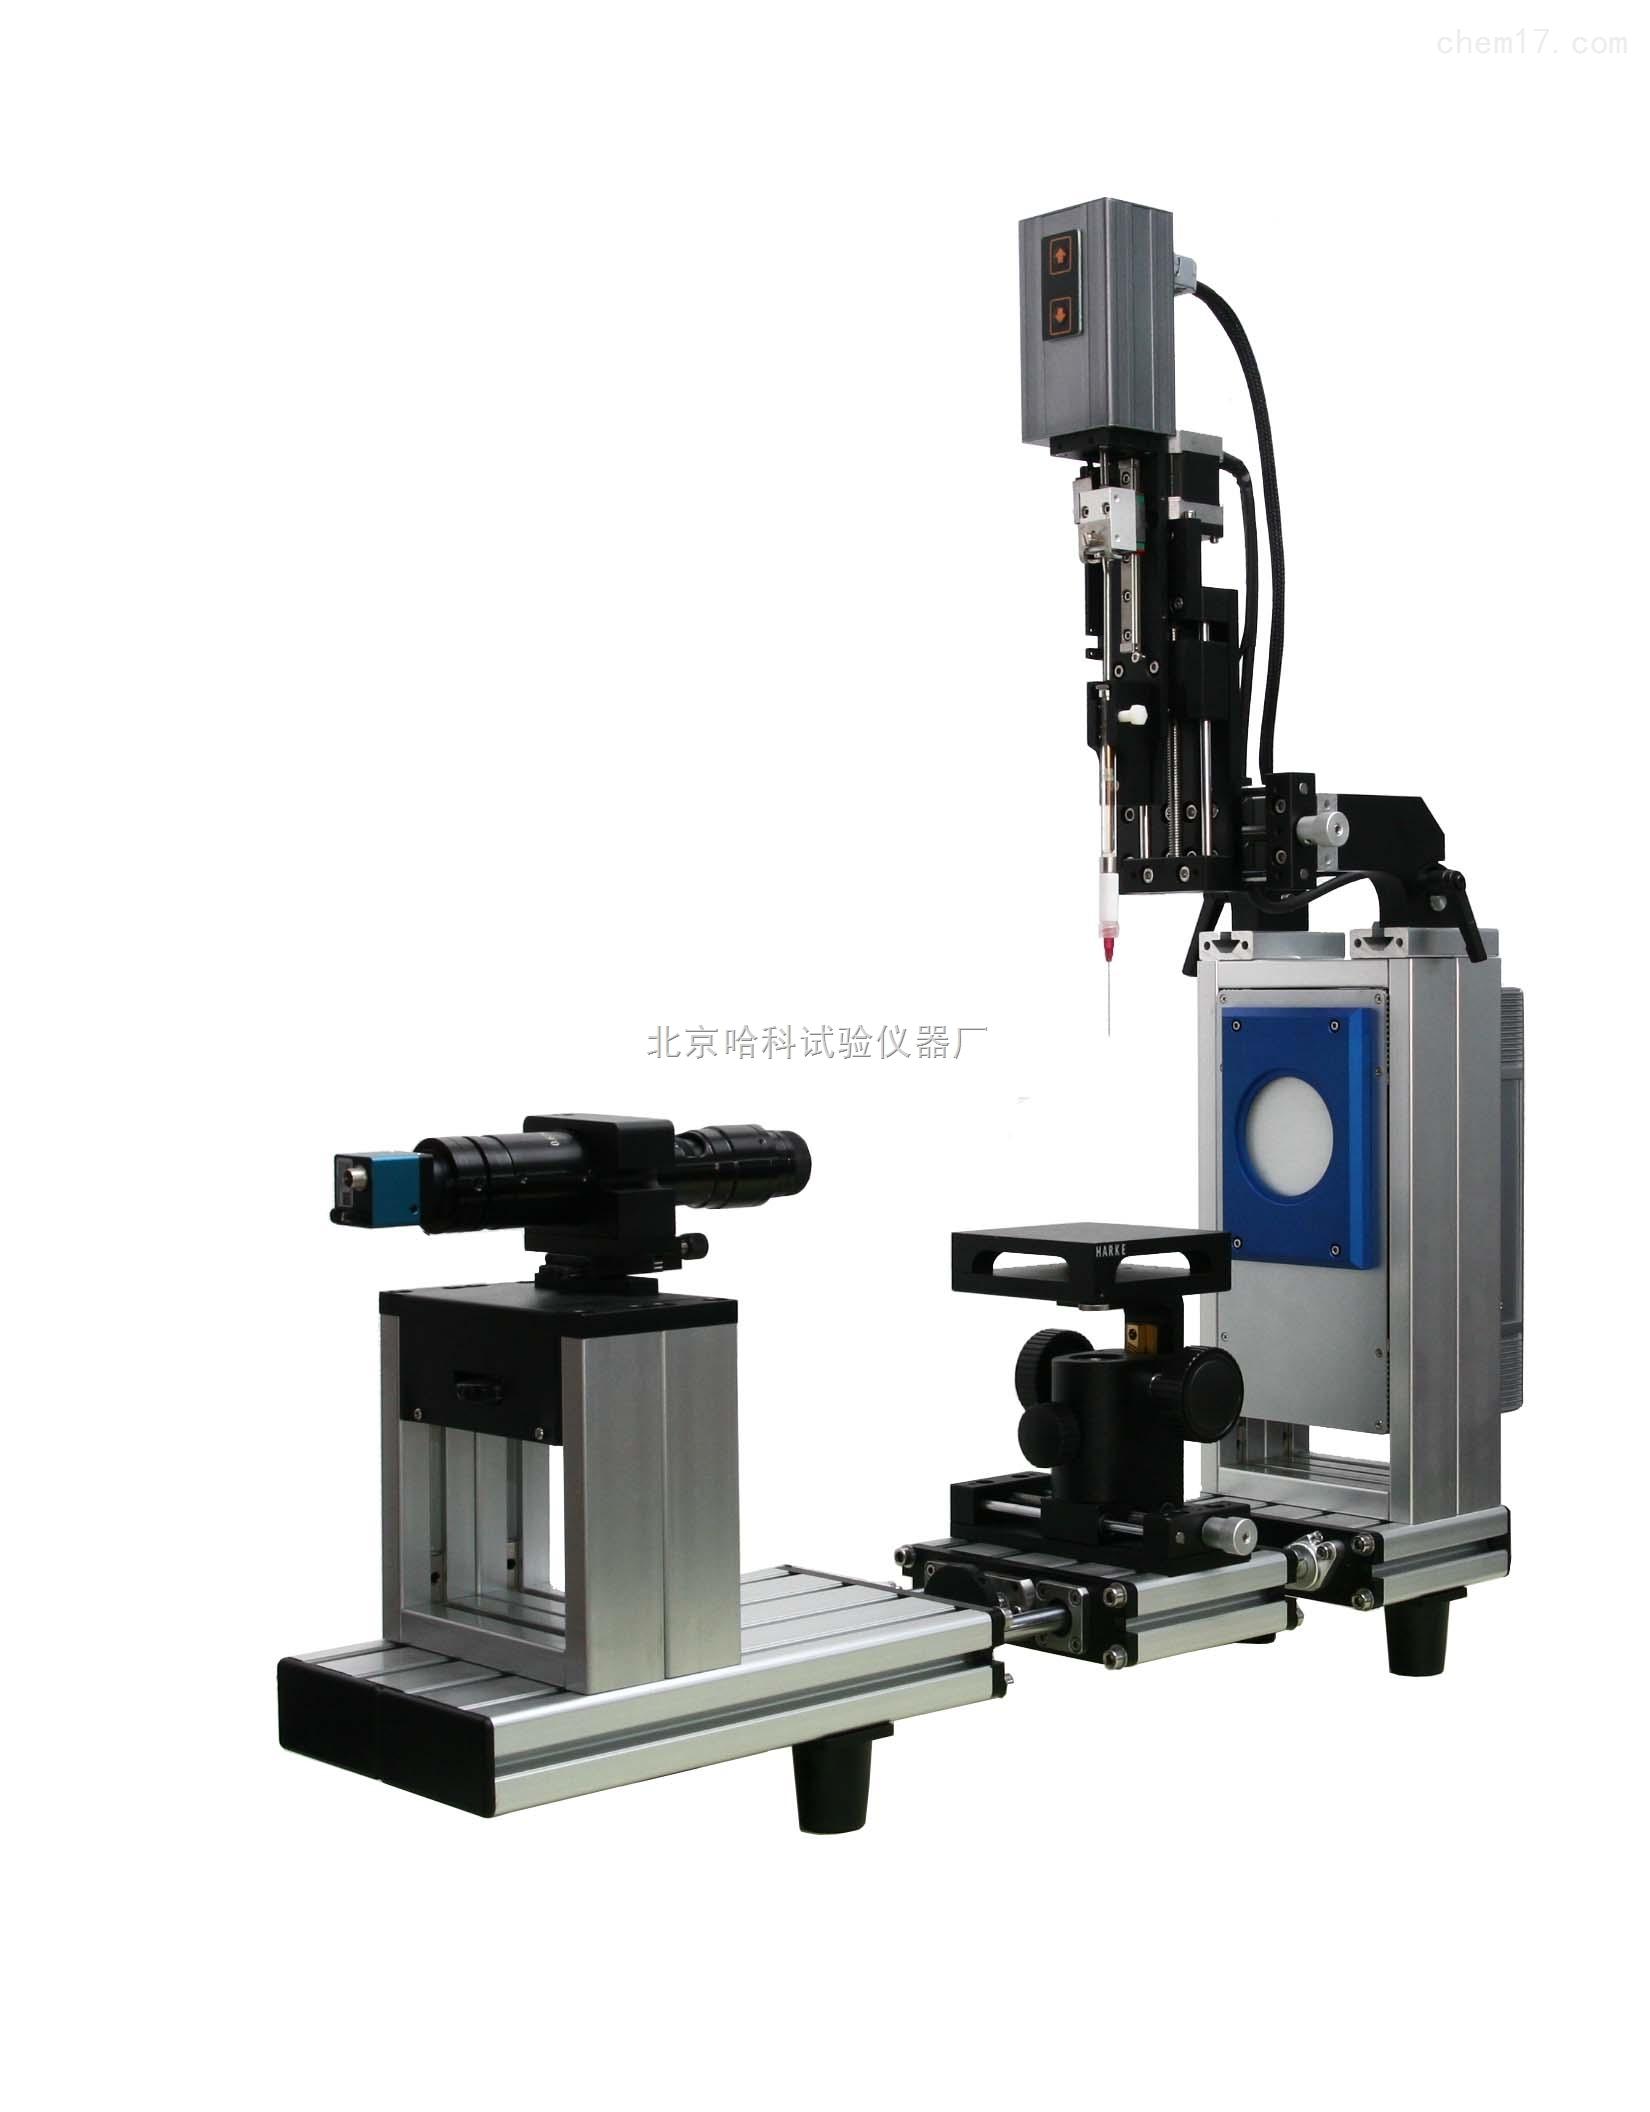 動態視頻接觸角測量儀